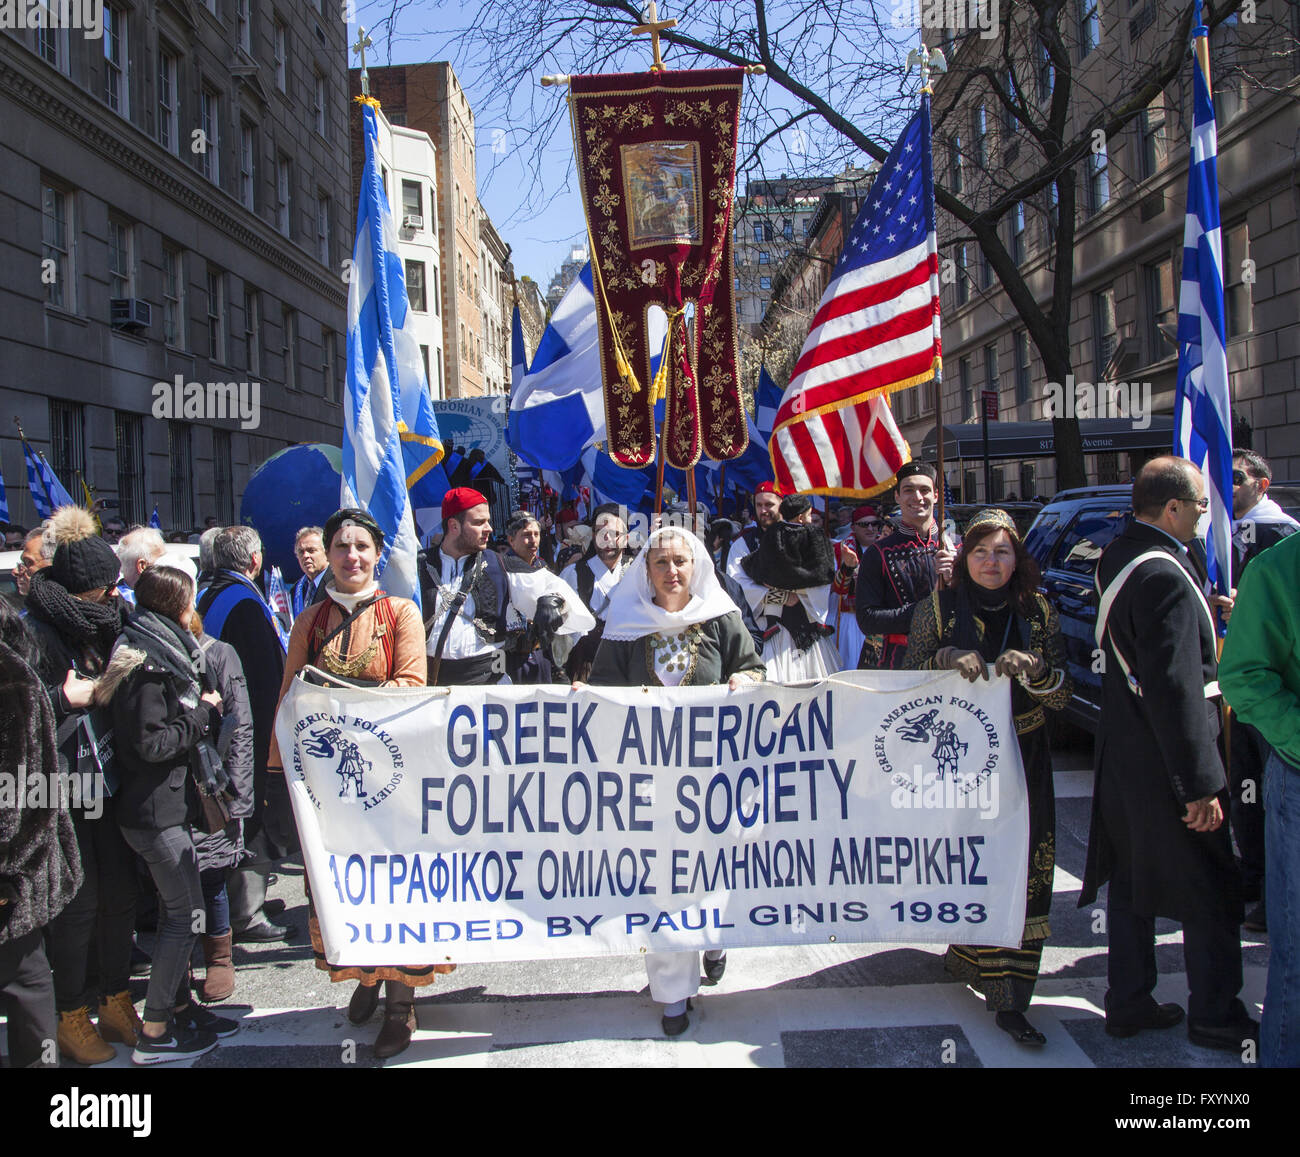 Indipendenza greca parata del giorno, New York City. Il greco il folklore americano società membri marzo in Immagini Stock